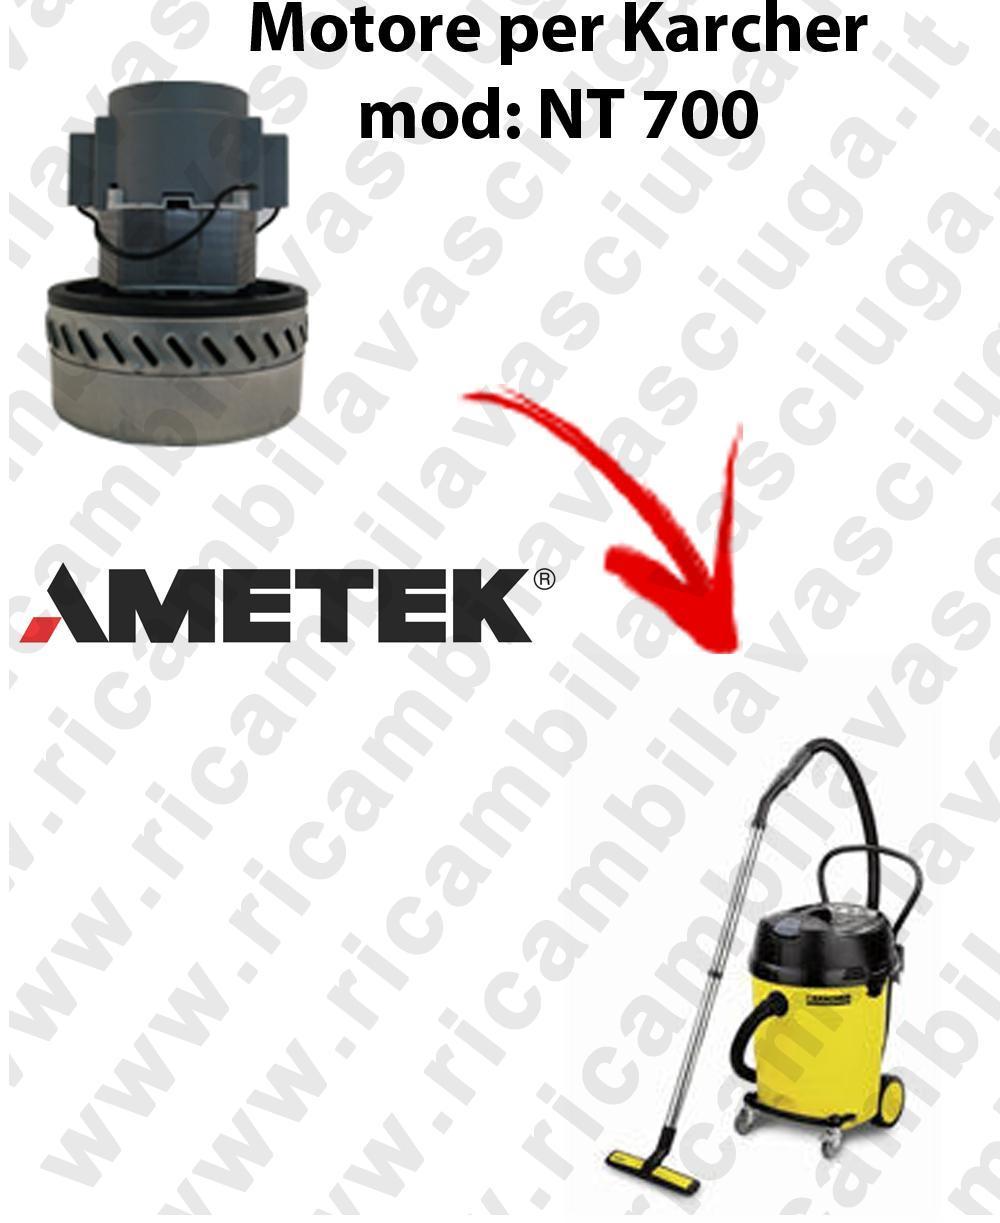 NT700 MOTEUR ASPIRATION AMETEK  pour aspirateur KARCHER